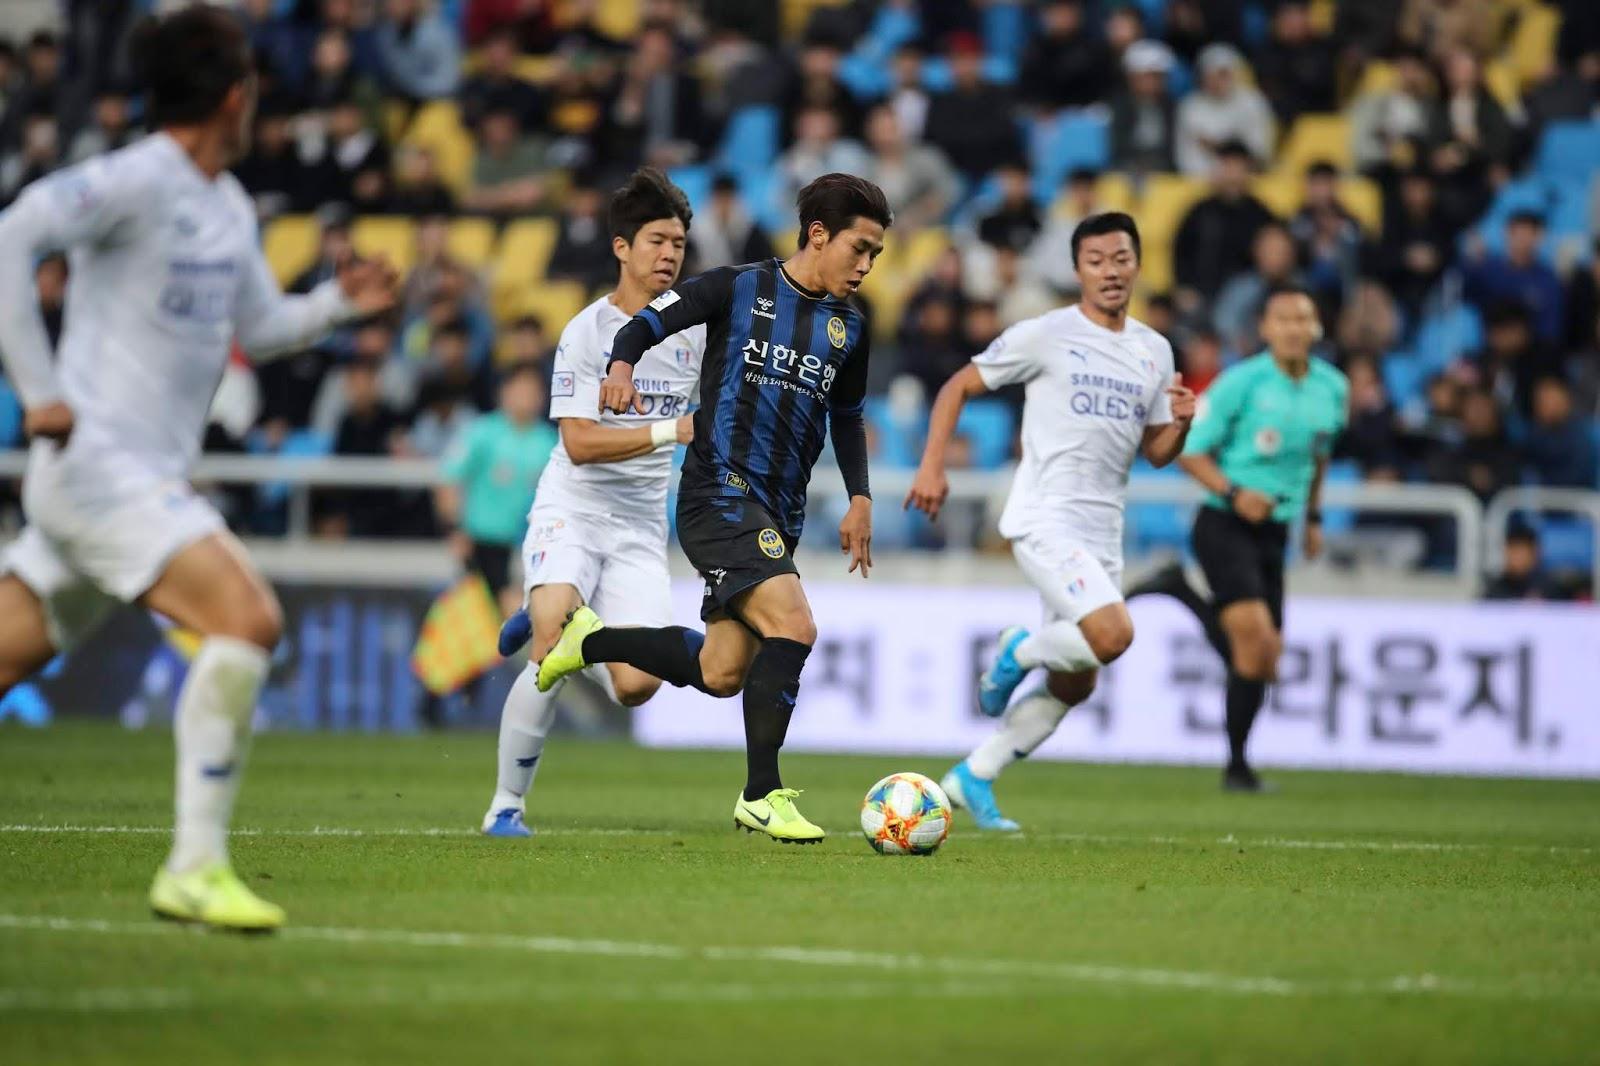 Myung Joon-jae vs Suwon 10.27.19